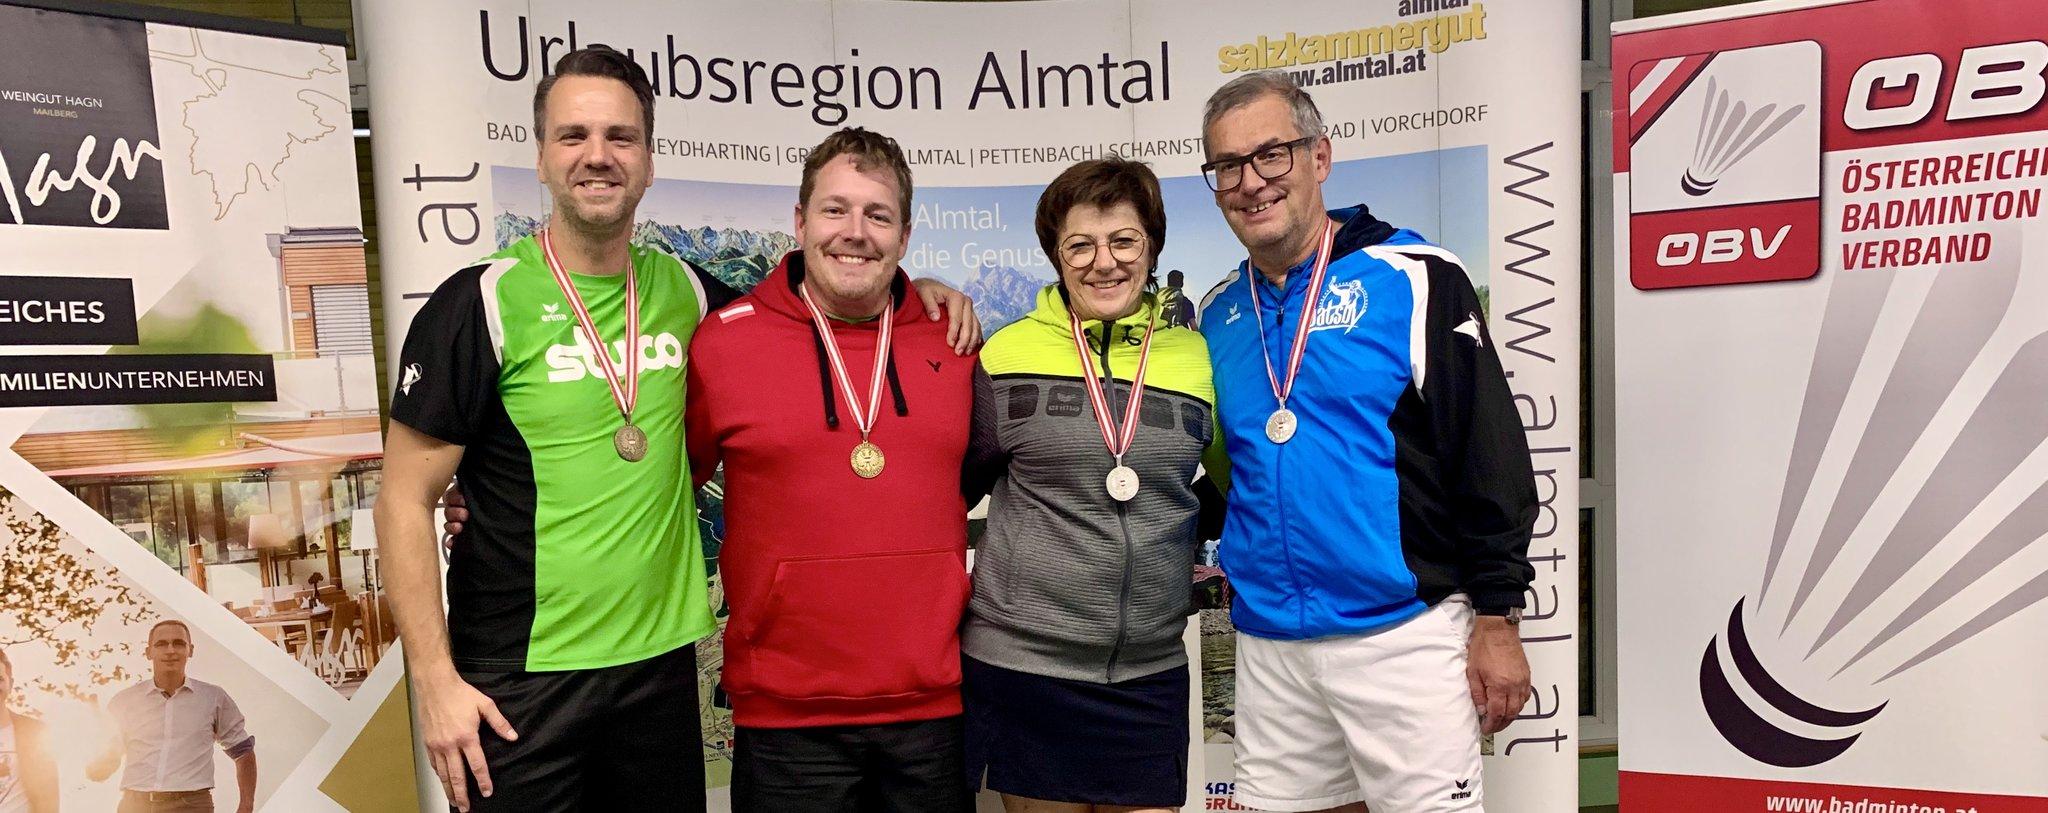 Badminton: Fünf Mal Edelmetall für UBC-Oldies bei Heim-Staatsmeisterschaft - meinbezirk.at